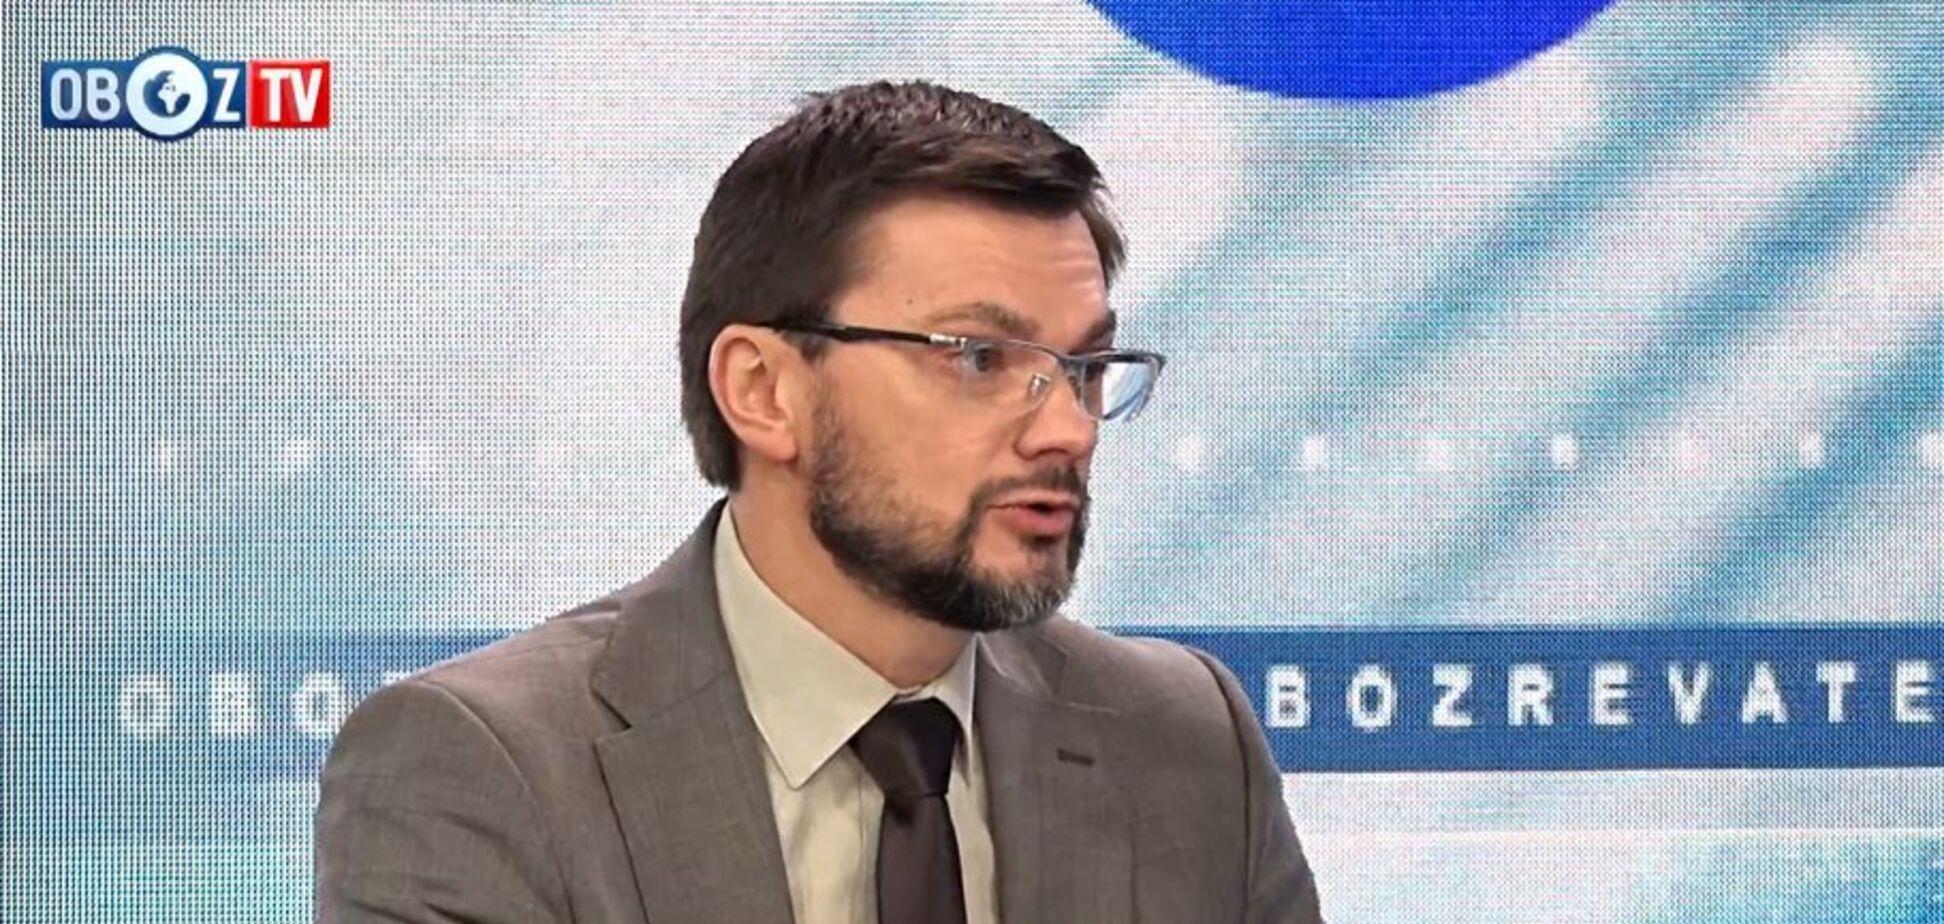 Більше половини продуктів в Україні коштують дорожче ніж в ЄС: економіст